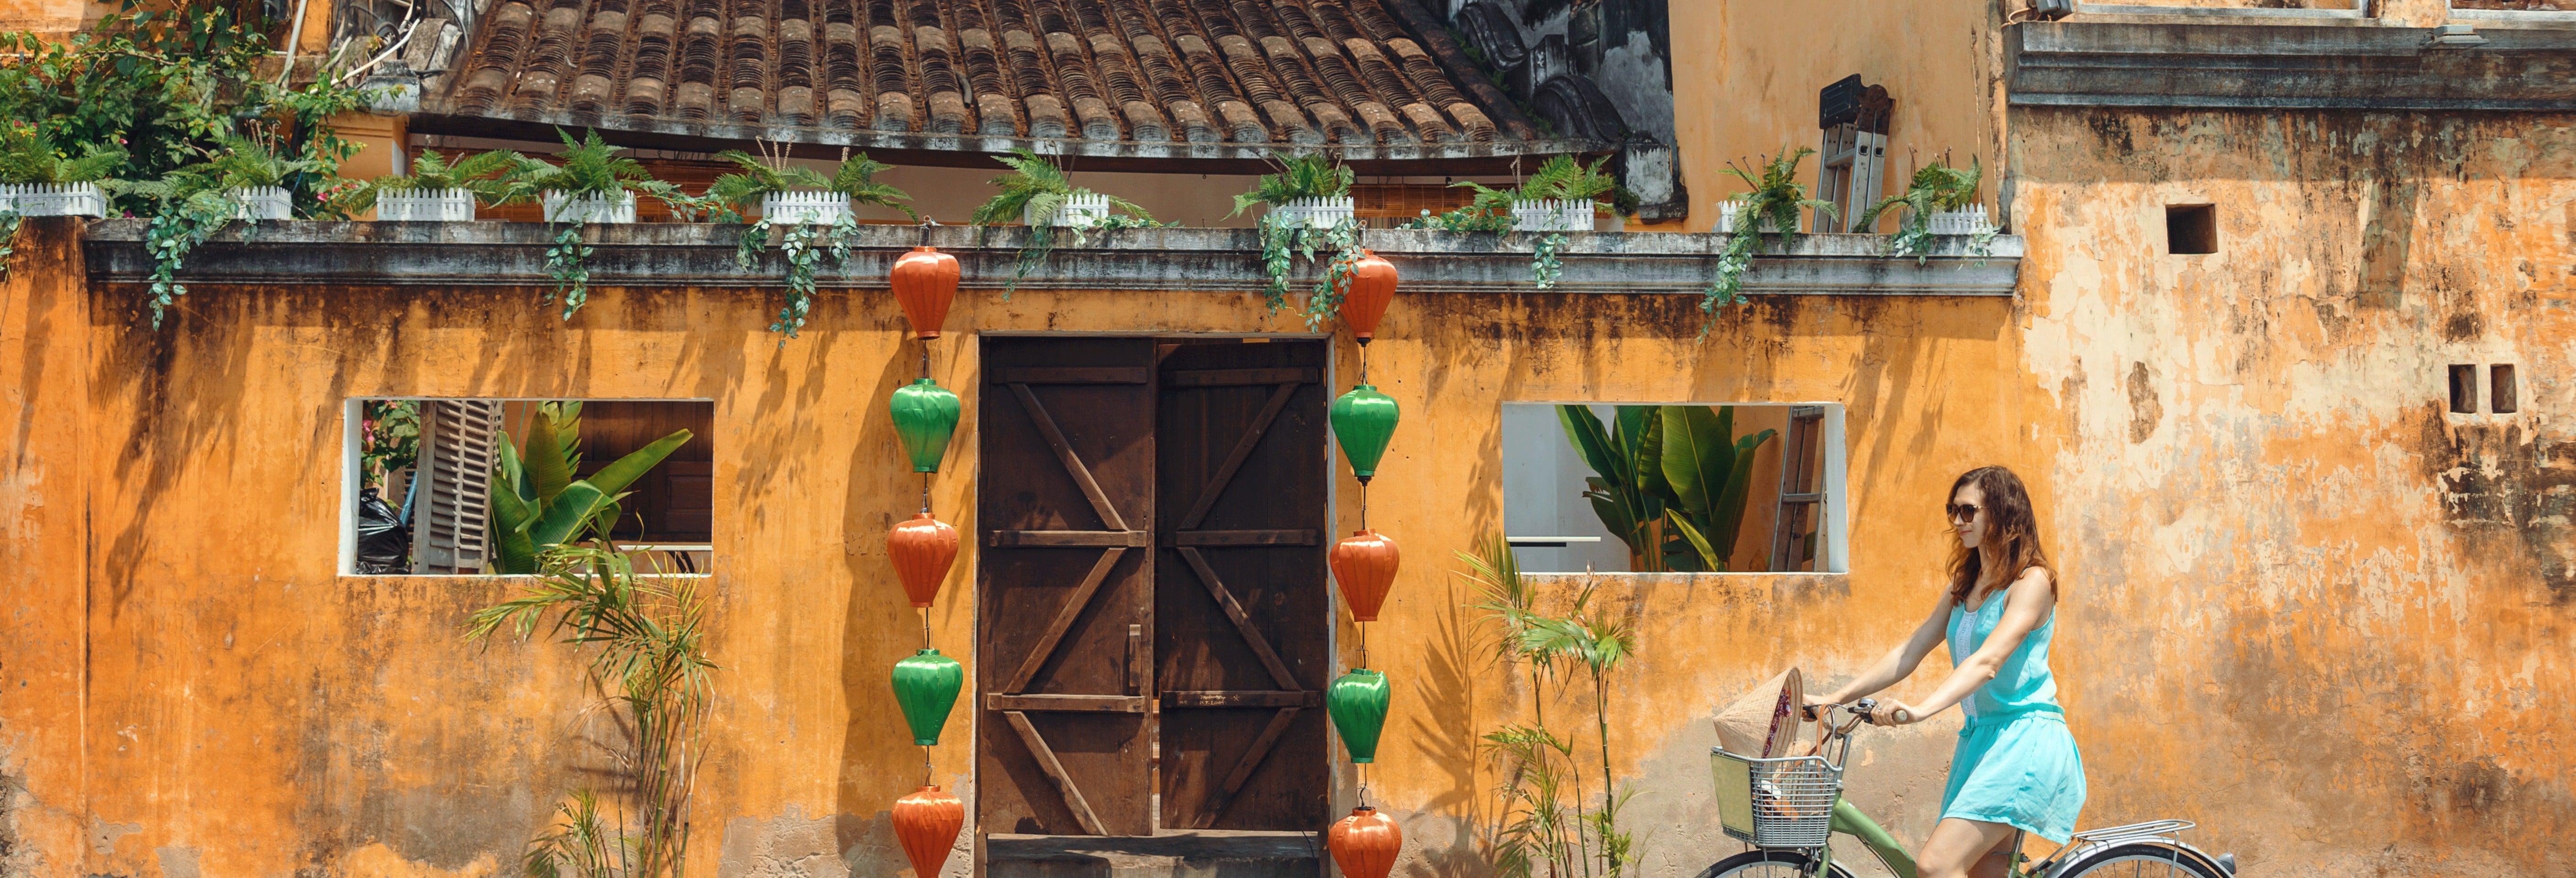 Balade à vélo dans Hoi An